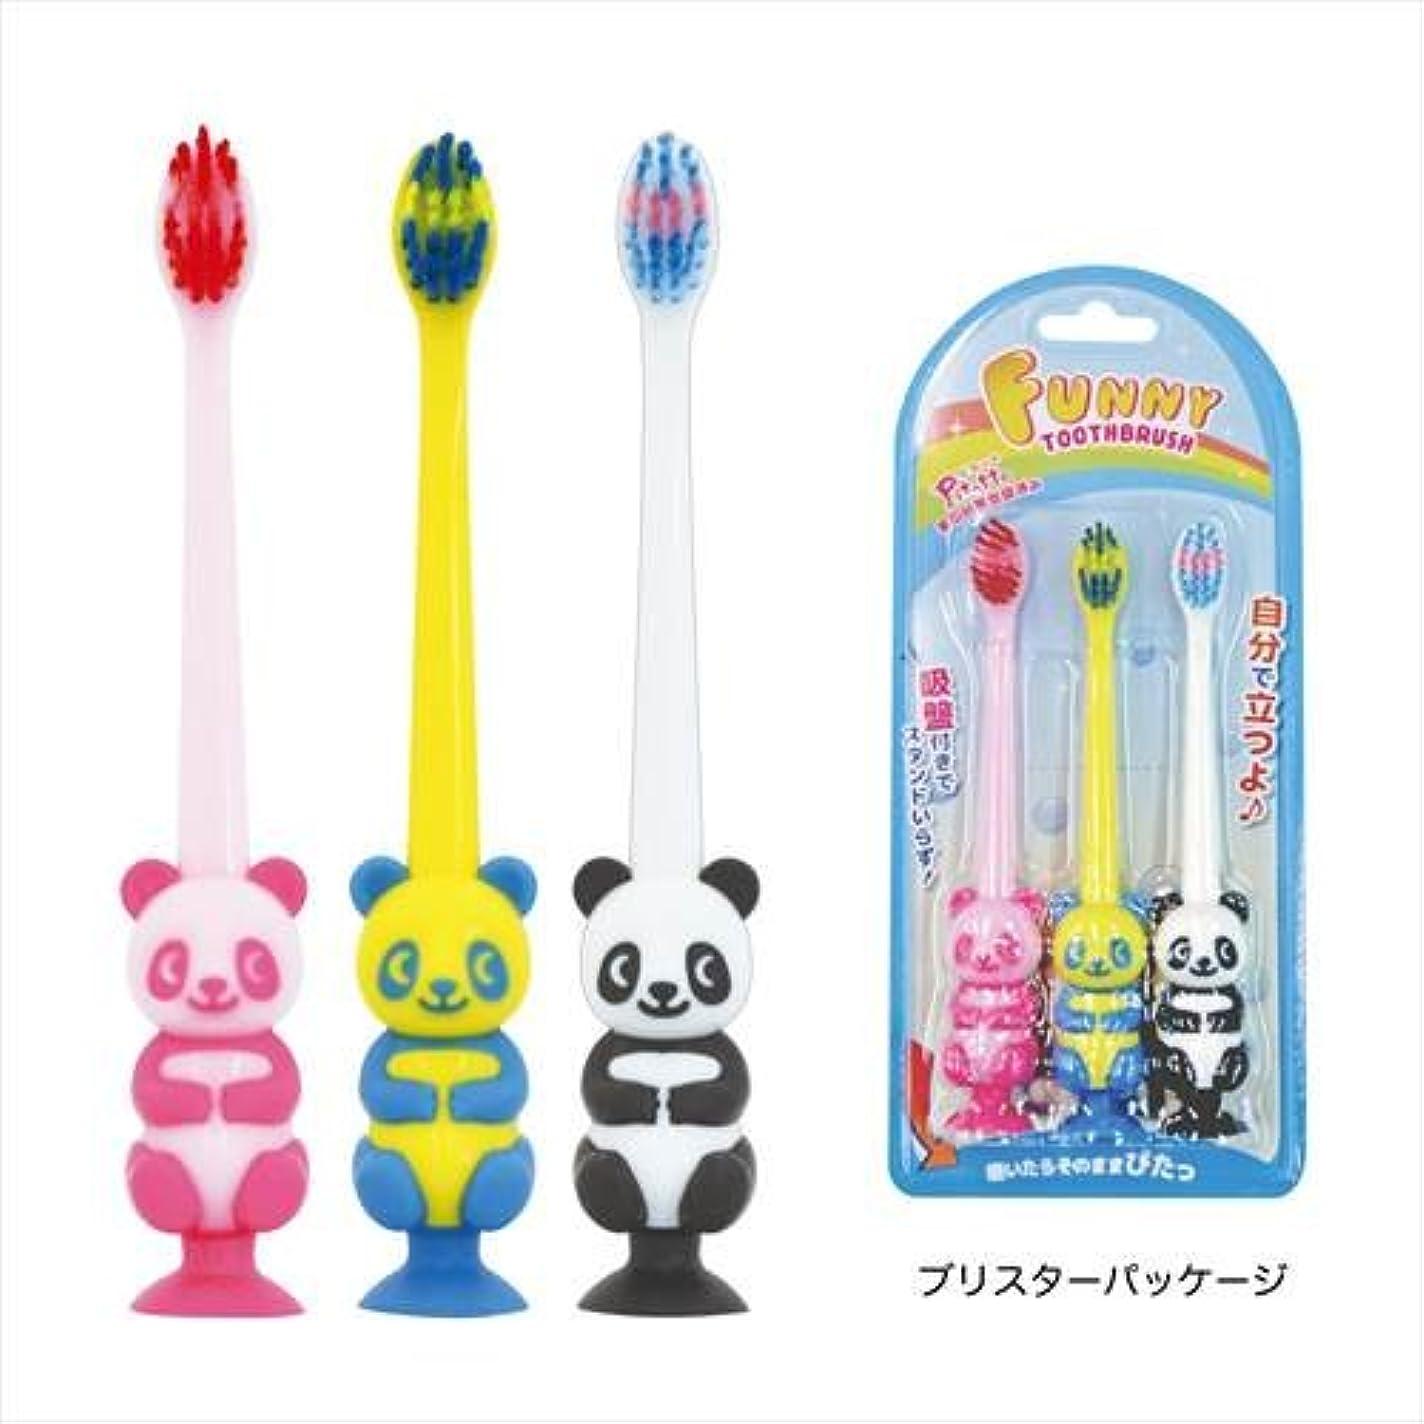 ナビゲーションアラート潤滑するファニー歯ブラシ パンダ 3本セット